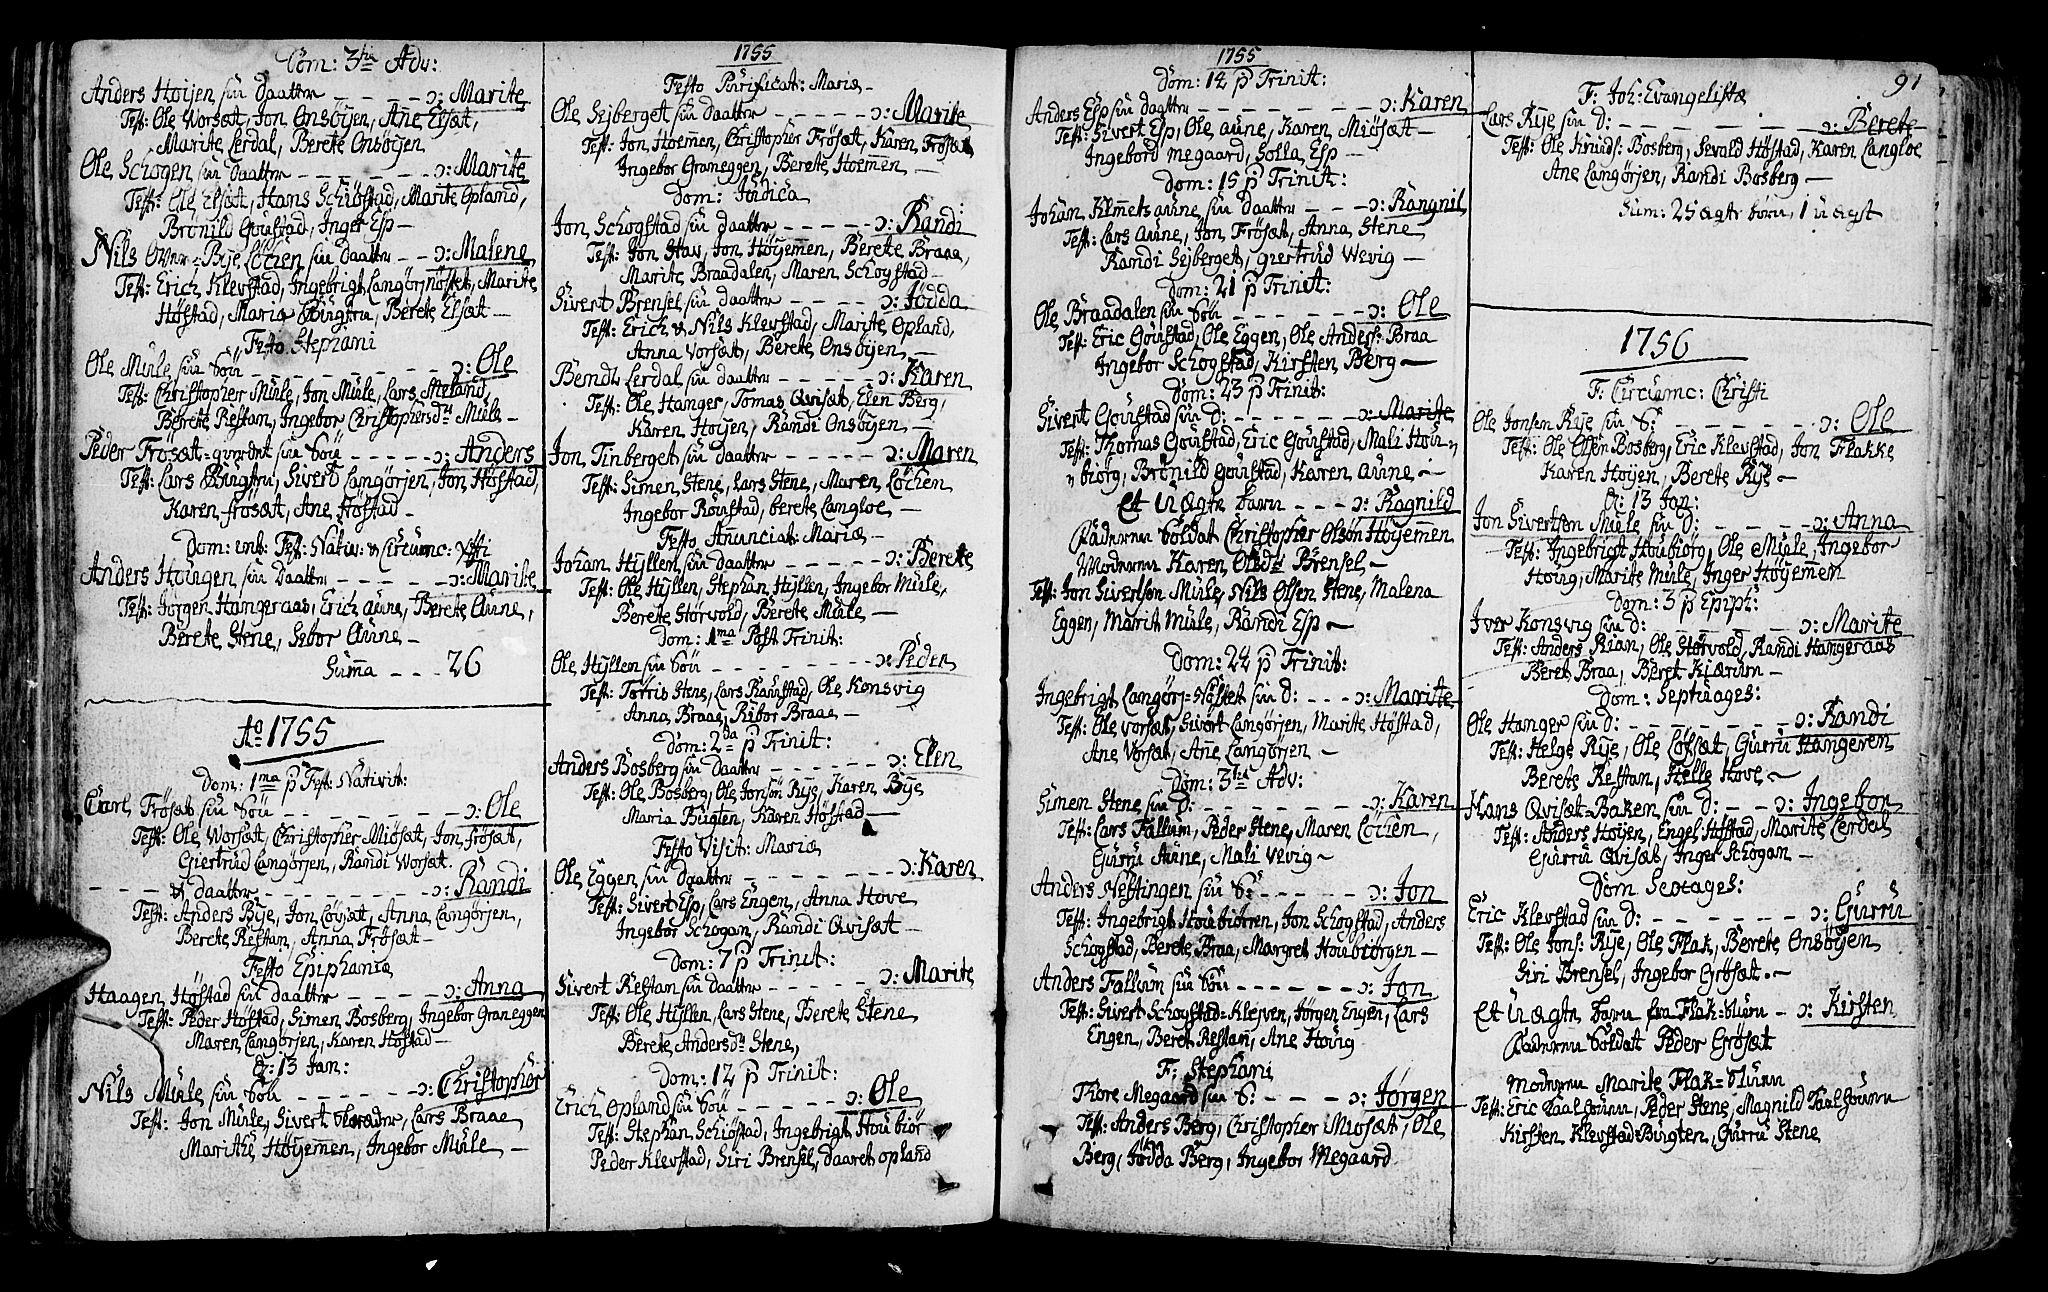 SAT, Ministerialprotokoller, klokkerbøker og fødselsregistre - Sør-Trøndelag, 612/L0370: Ministerialbok nr. 612A04, 1754-1802, s. 91